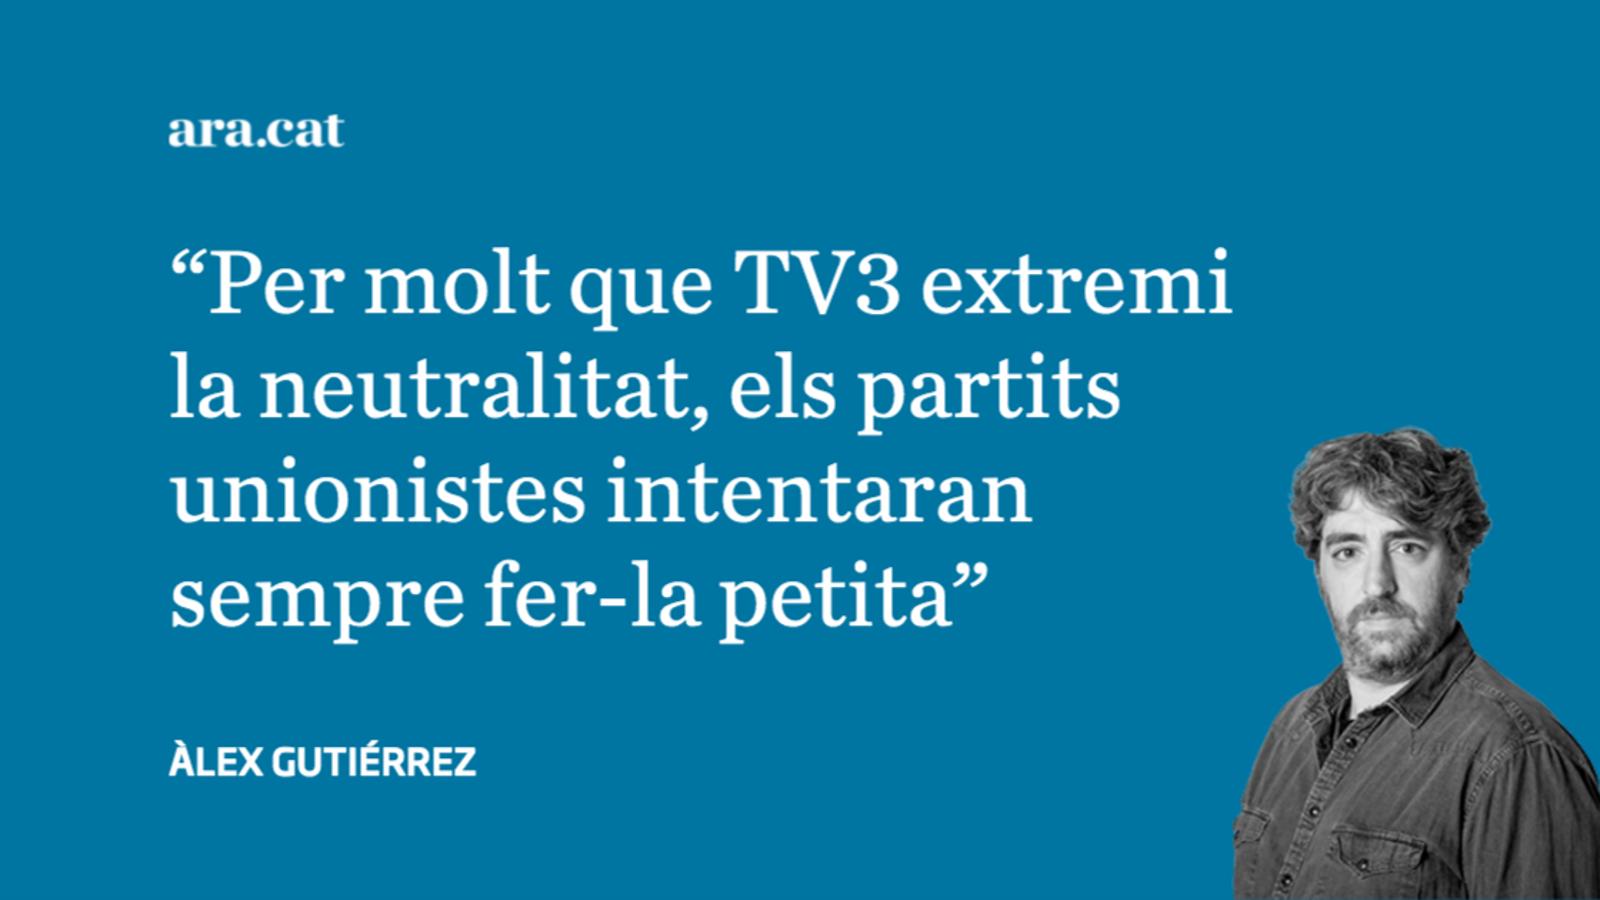 El problema no és que Iceta o Carrizosa punxin a TV3